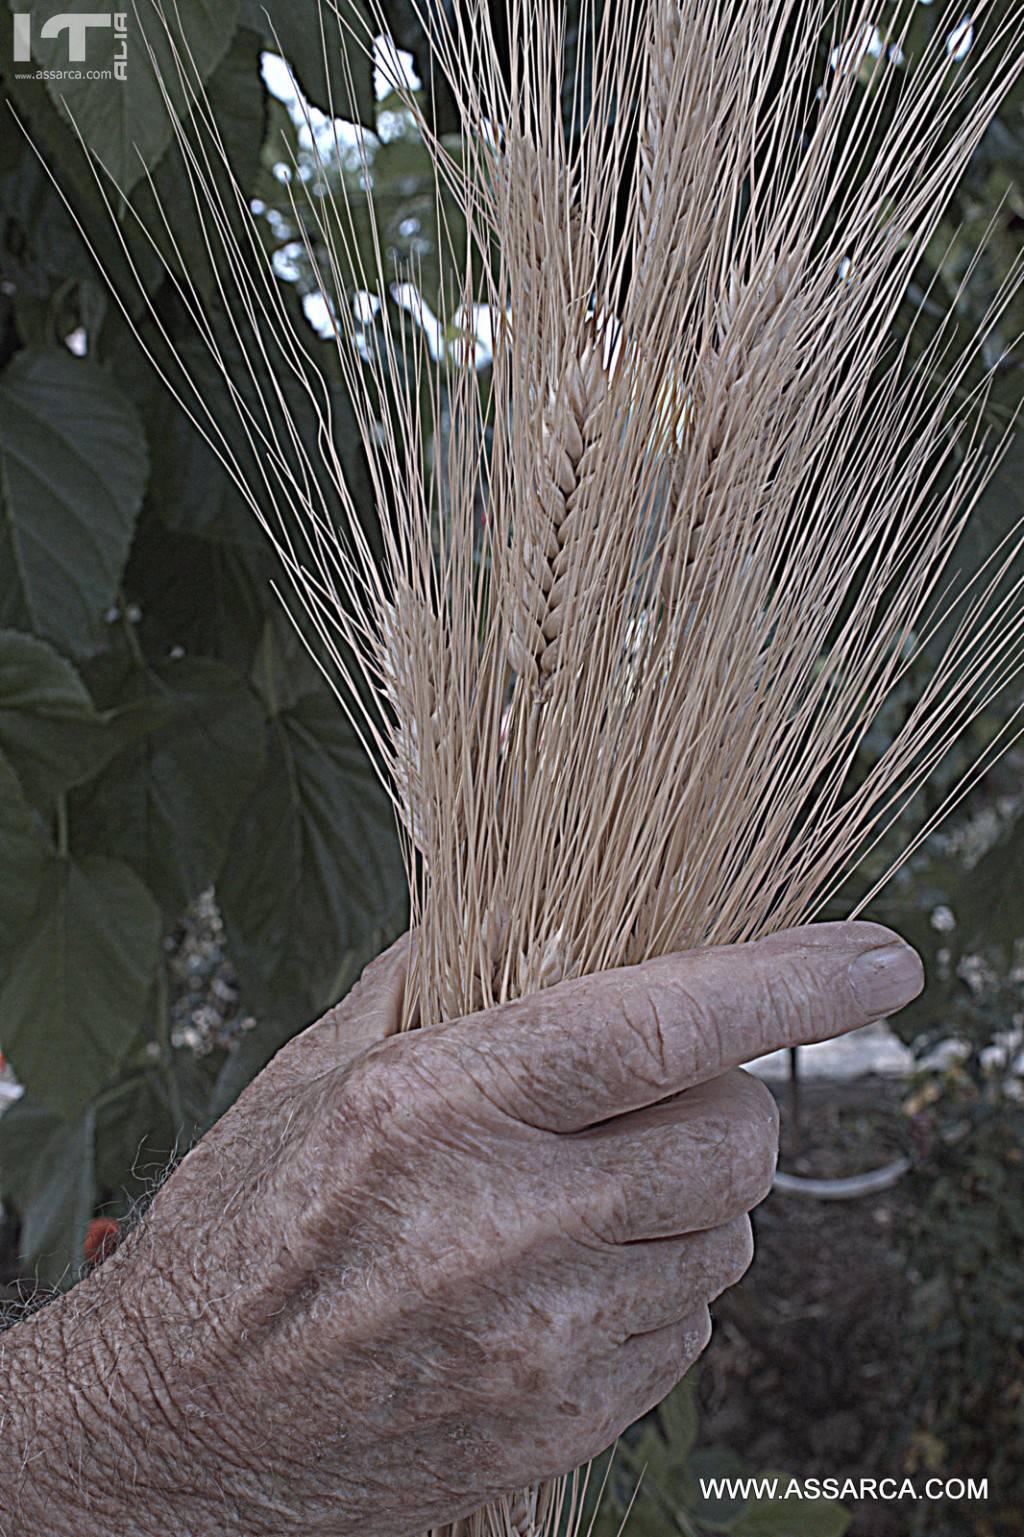 La novellina del grano.